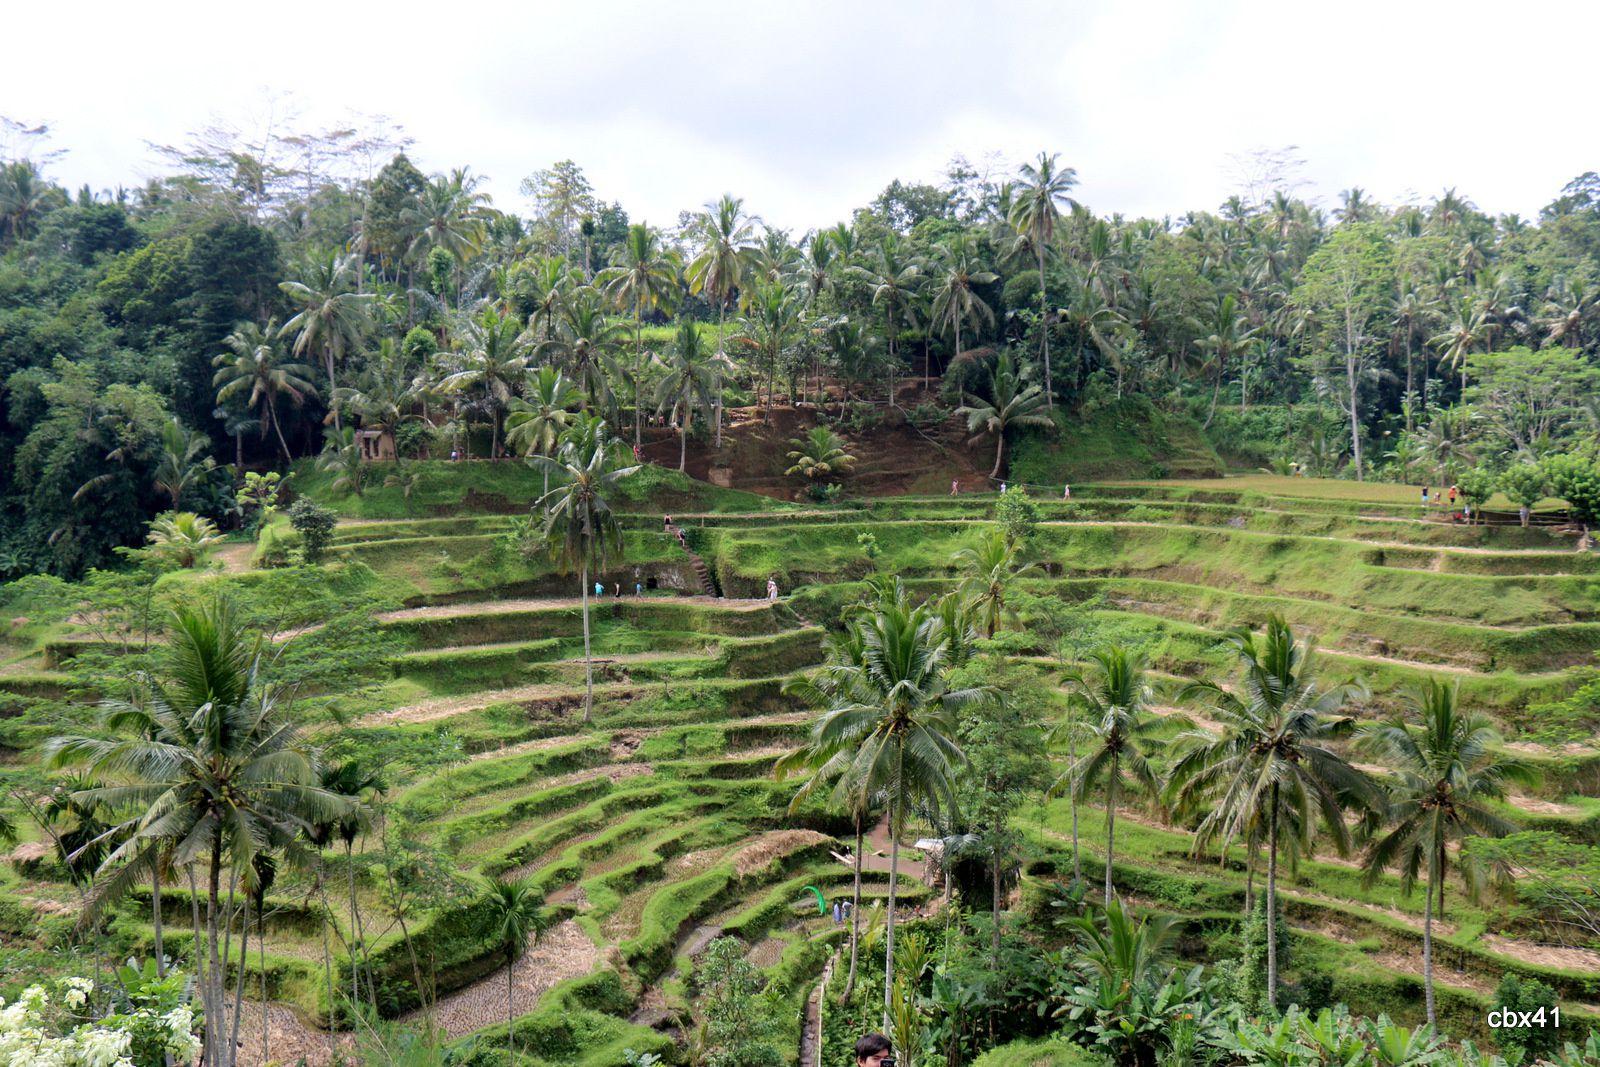 Les rizières de Tegalalang près d'Ubud, Bali Indonésie